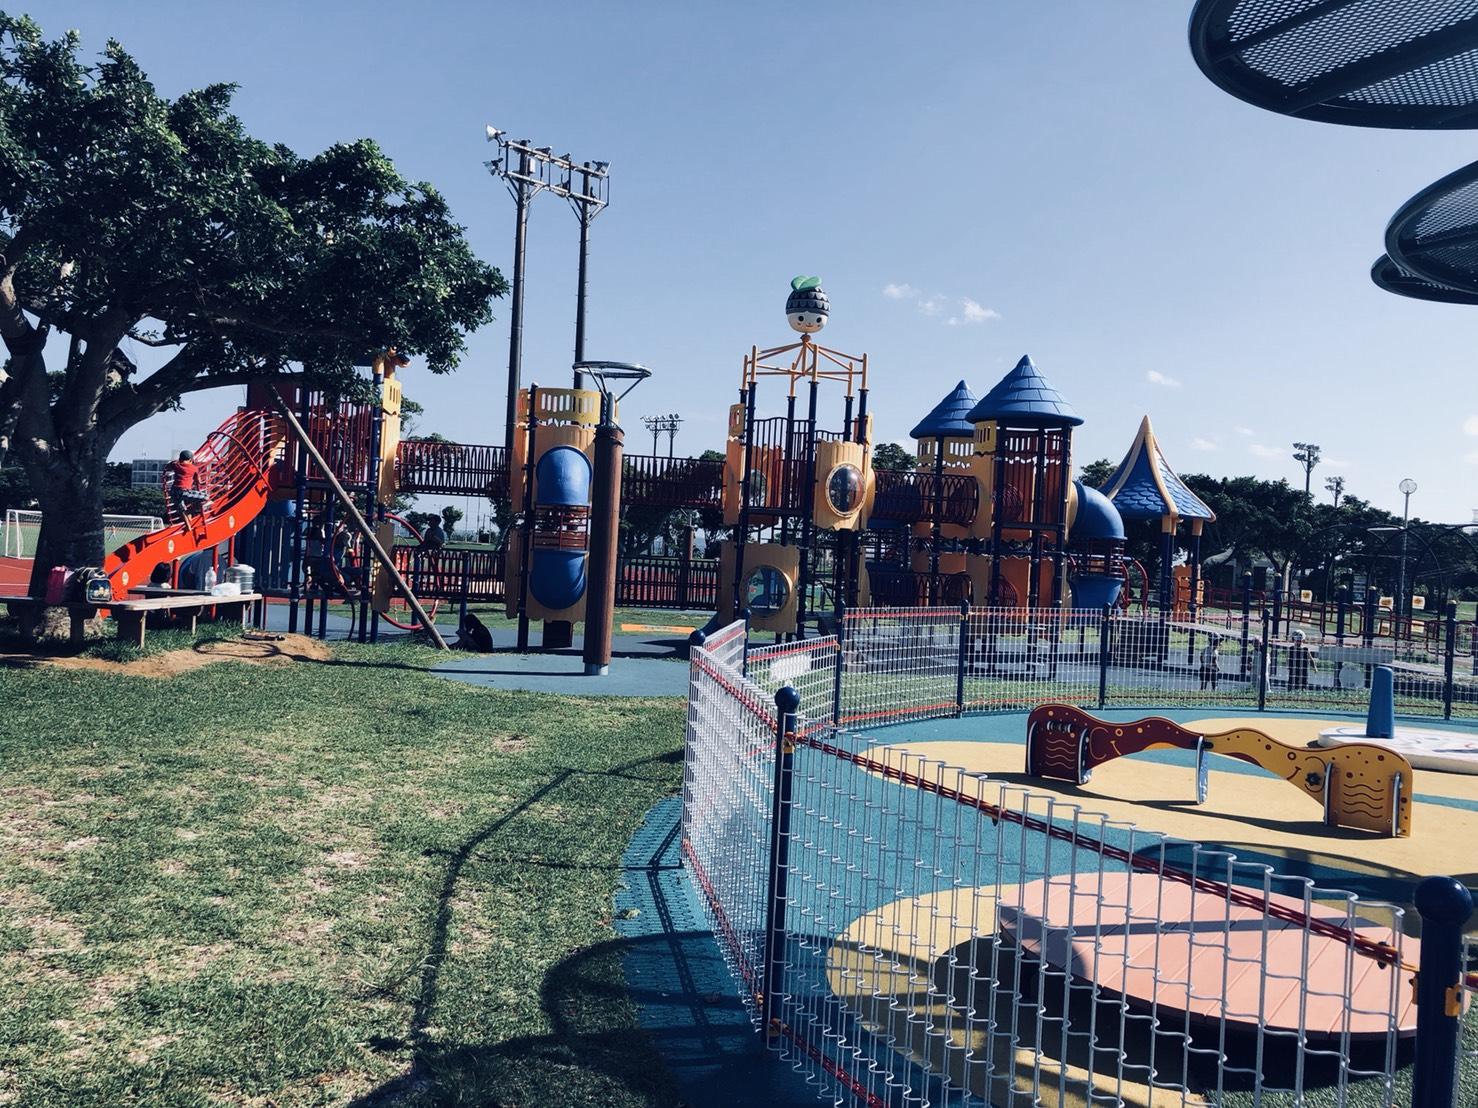 『沖繩』沖繩中部私密親子點,遊具豐富又好玩-金武地區公園